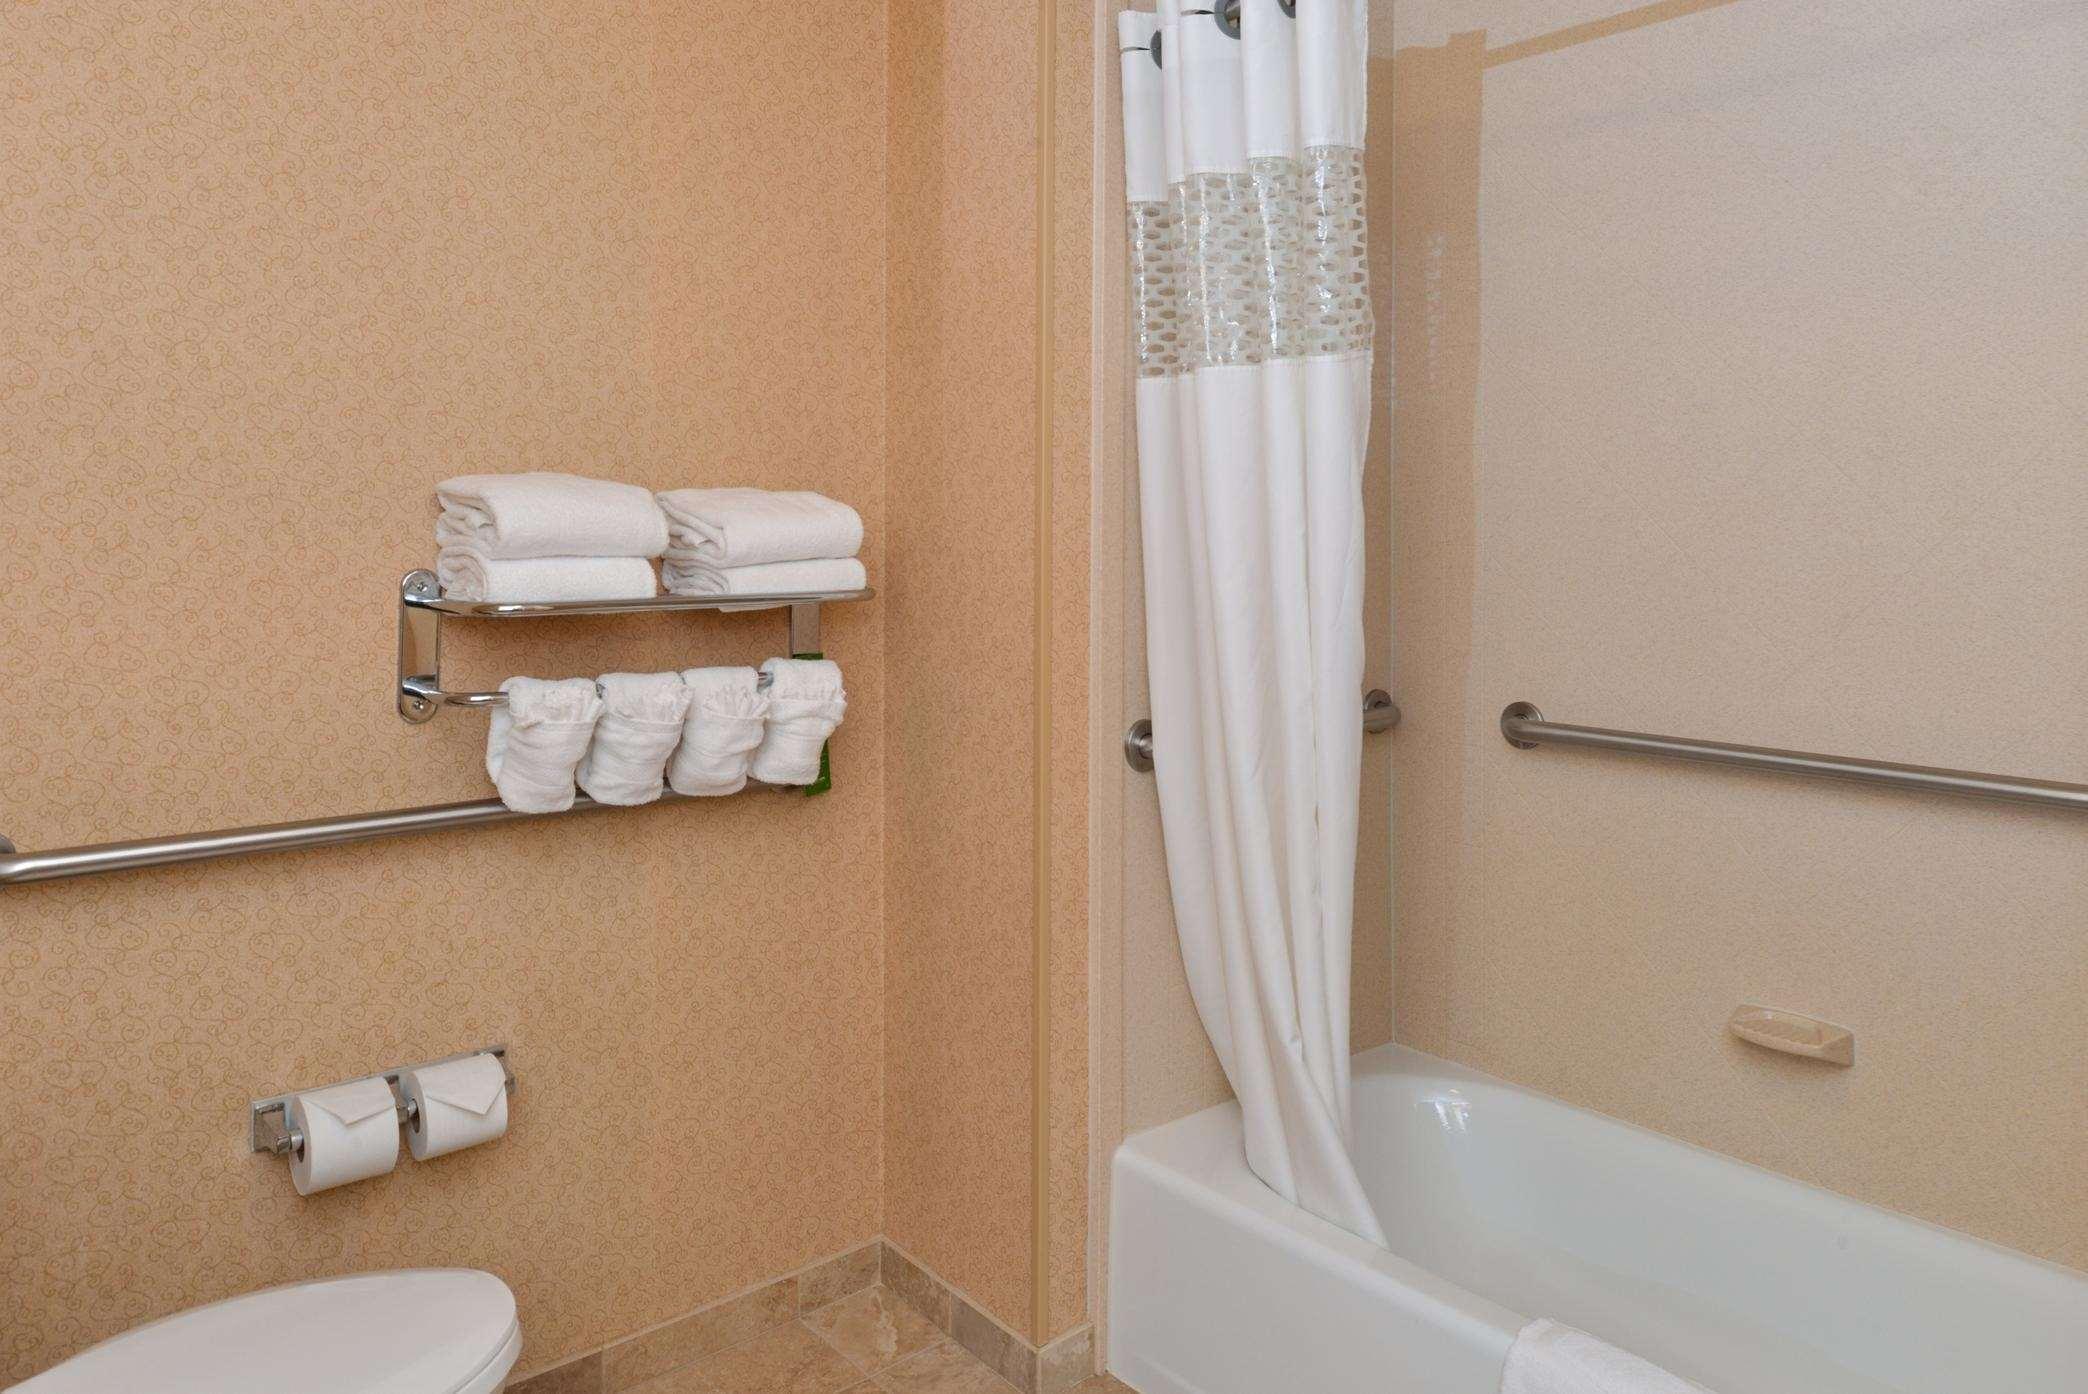 Hampton Inn & Suites Casper image 16